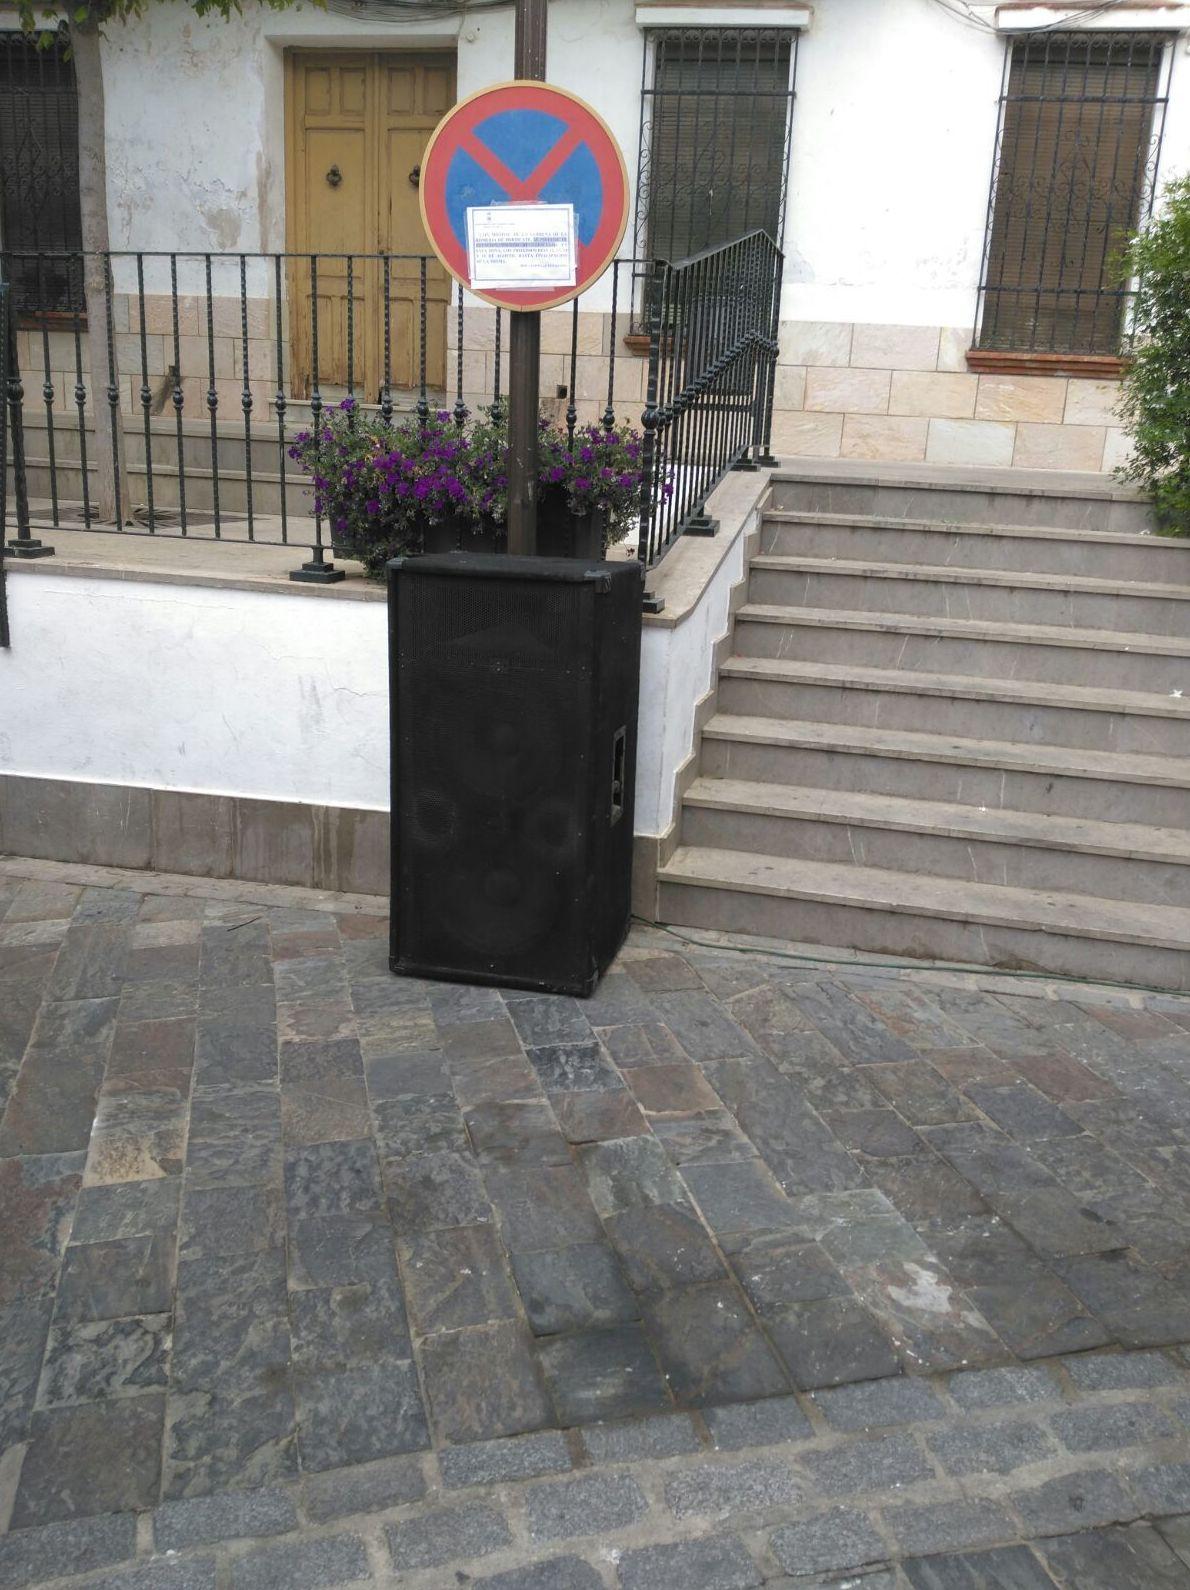 Foto 15 de Alquiler de sonido profesional e iluminación para todo tipo de eventos en Málaga | JCL Alquiler de sonido